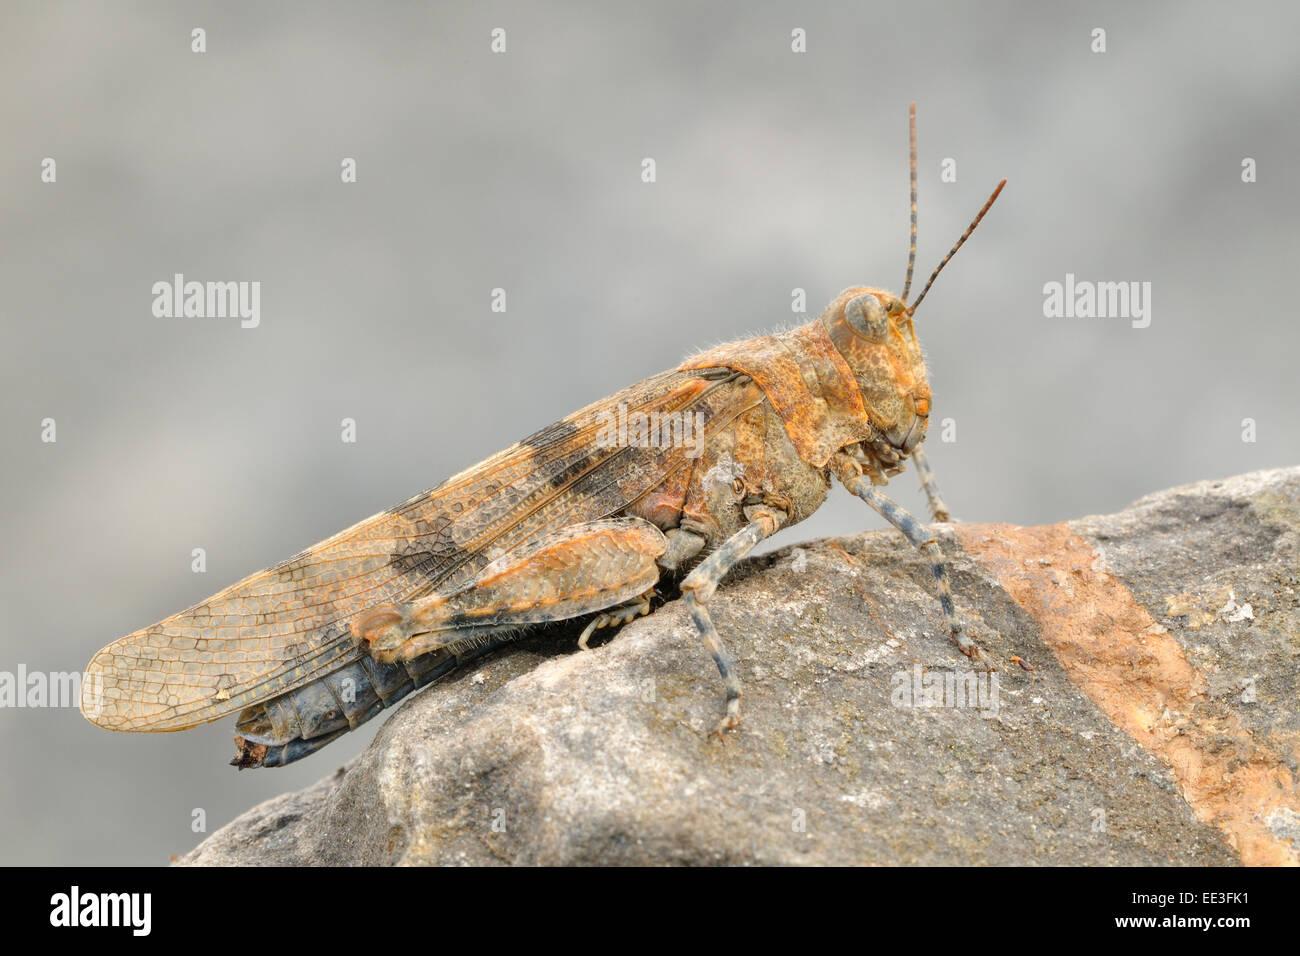 Blau-geflügelte Heuschrecke [Oedipoda Caerulescens], Deutschland Stockfoto